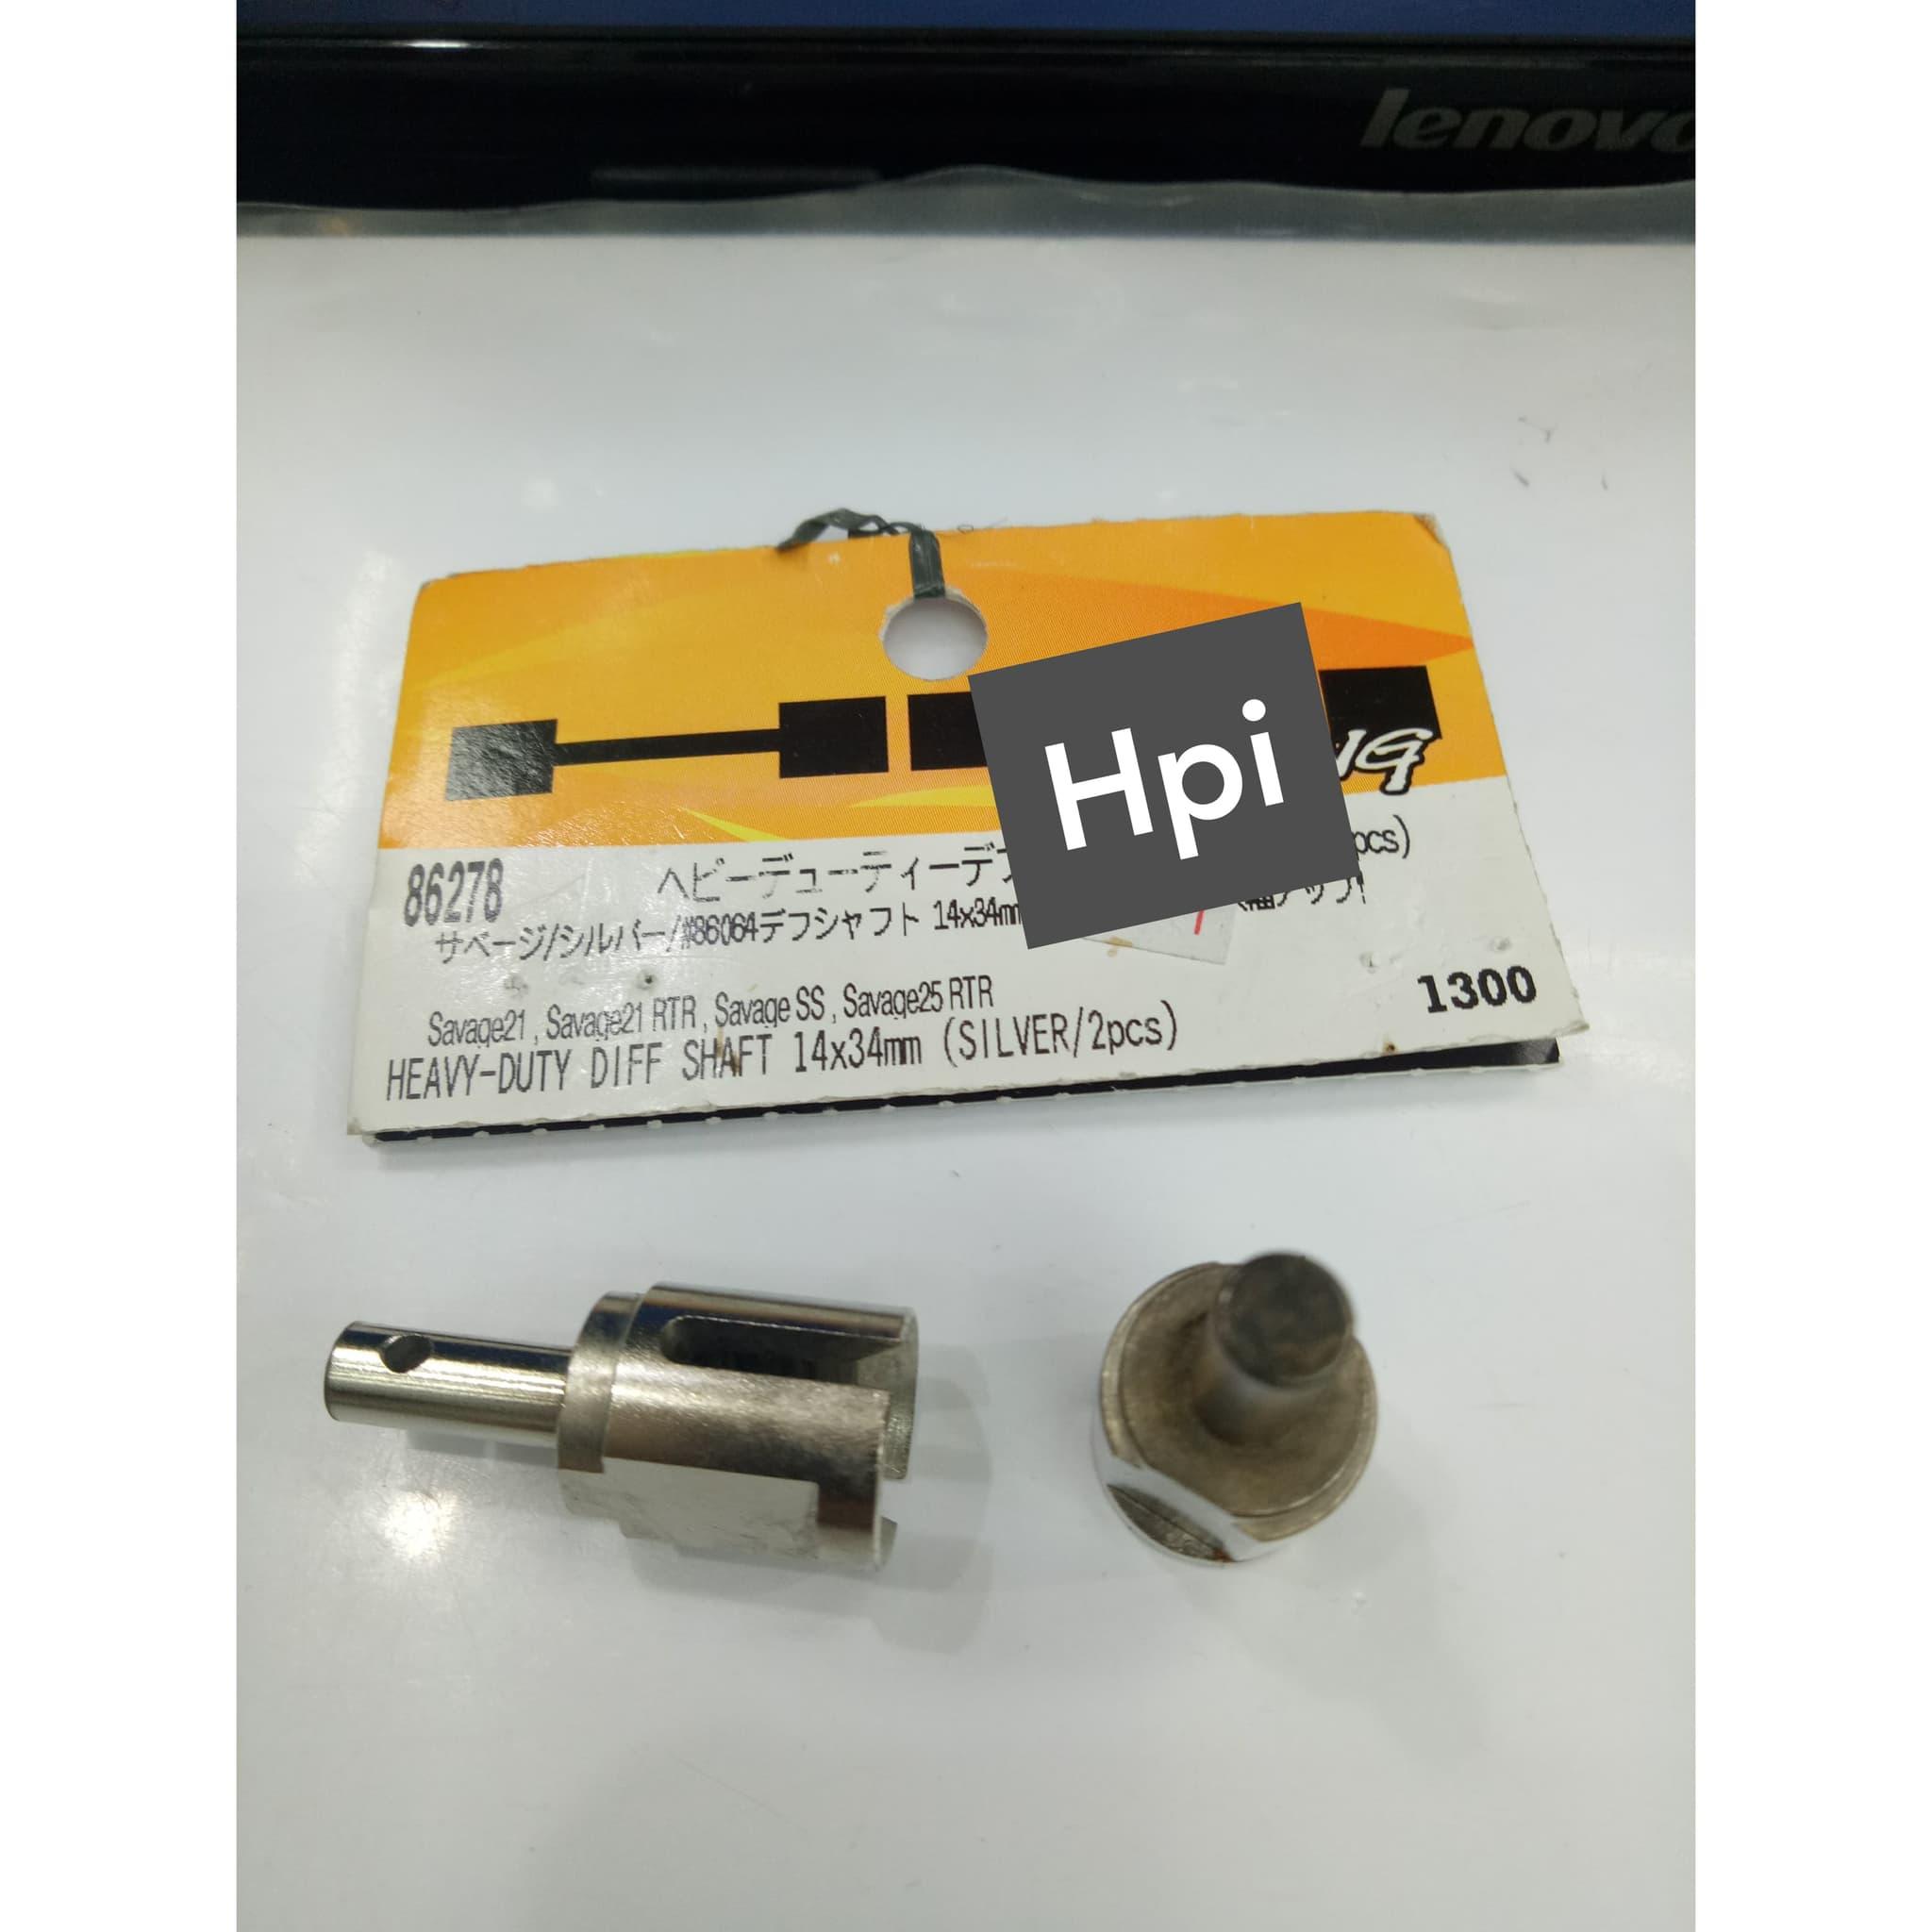 SILVER HPI 72133 DIFF SHAFT HPI-72133